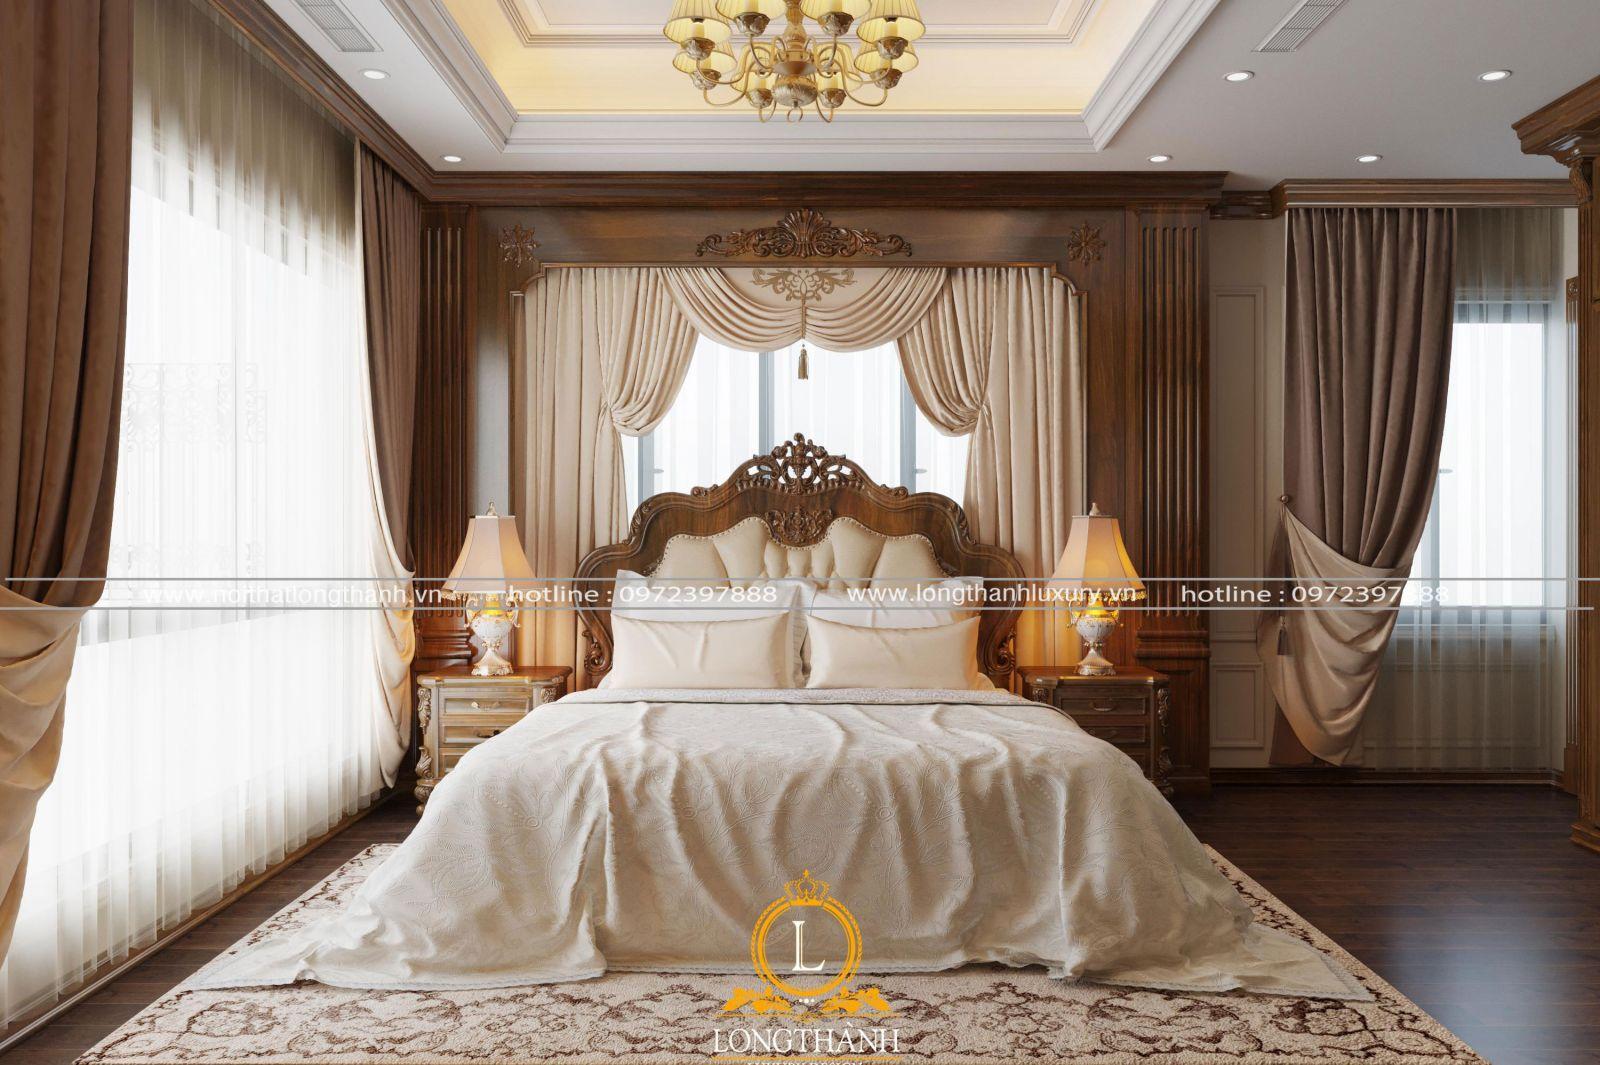 Đèn chùm cho phòng ngủ tân cổ điển ấm cúng